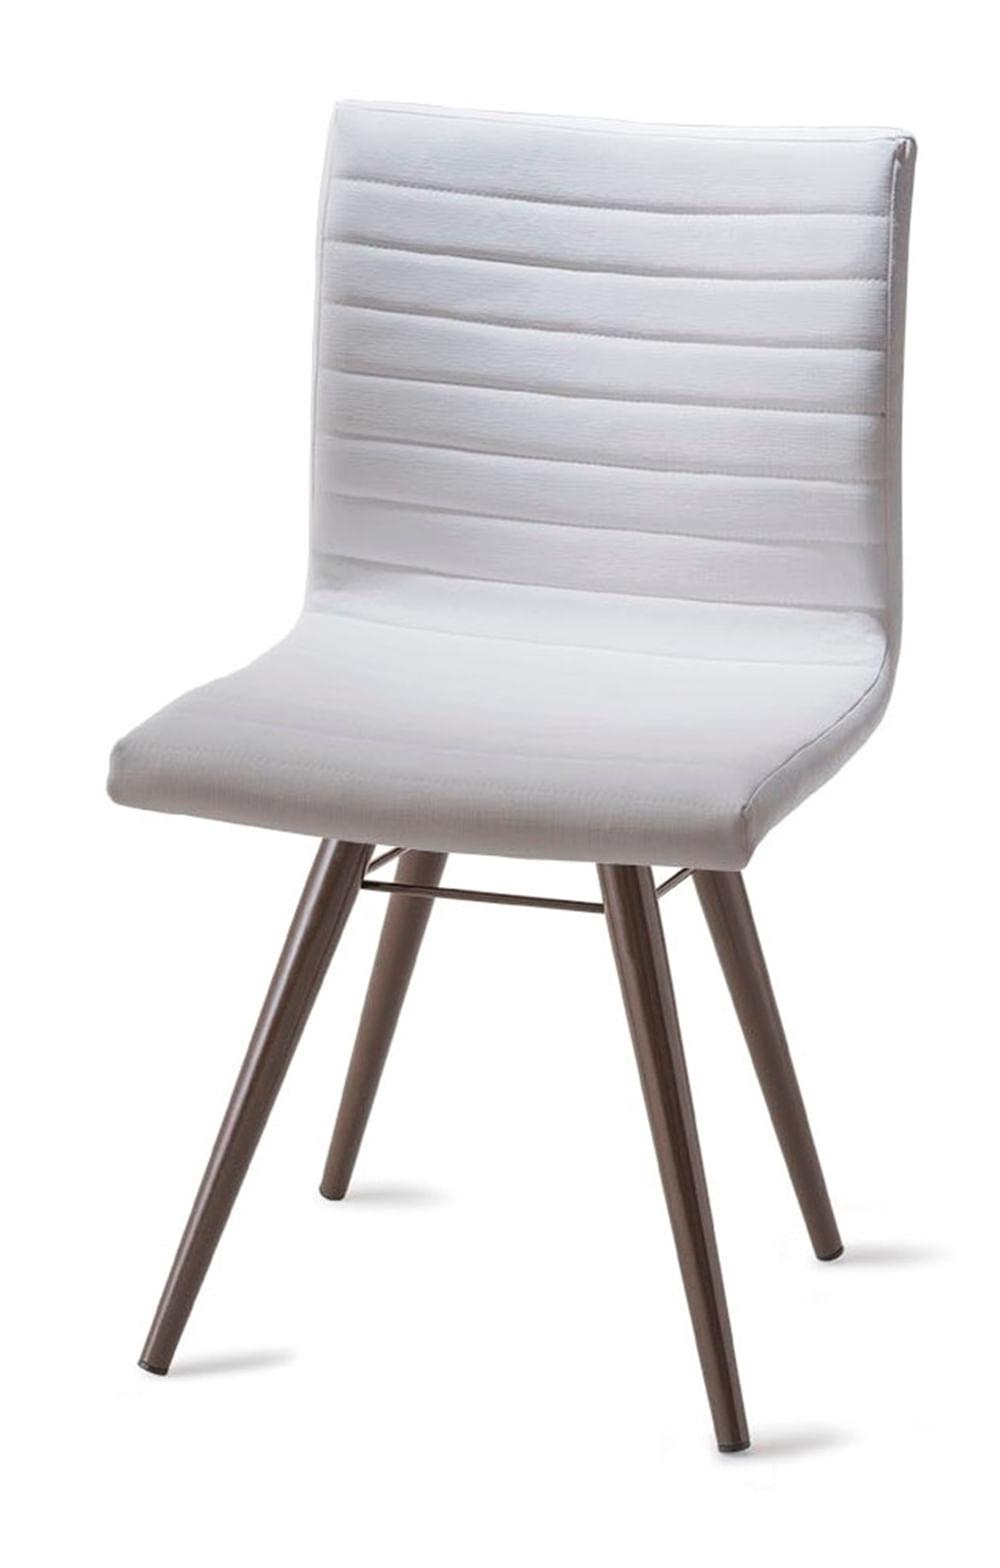 Cadeira Quiz Assento Estofado Linho Branco com Base Tabaco - 46884